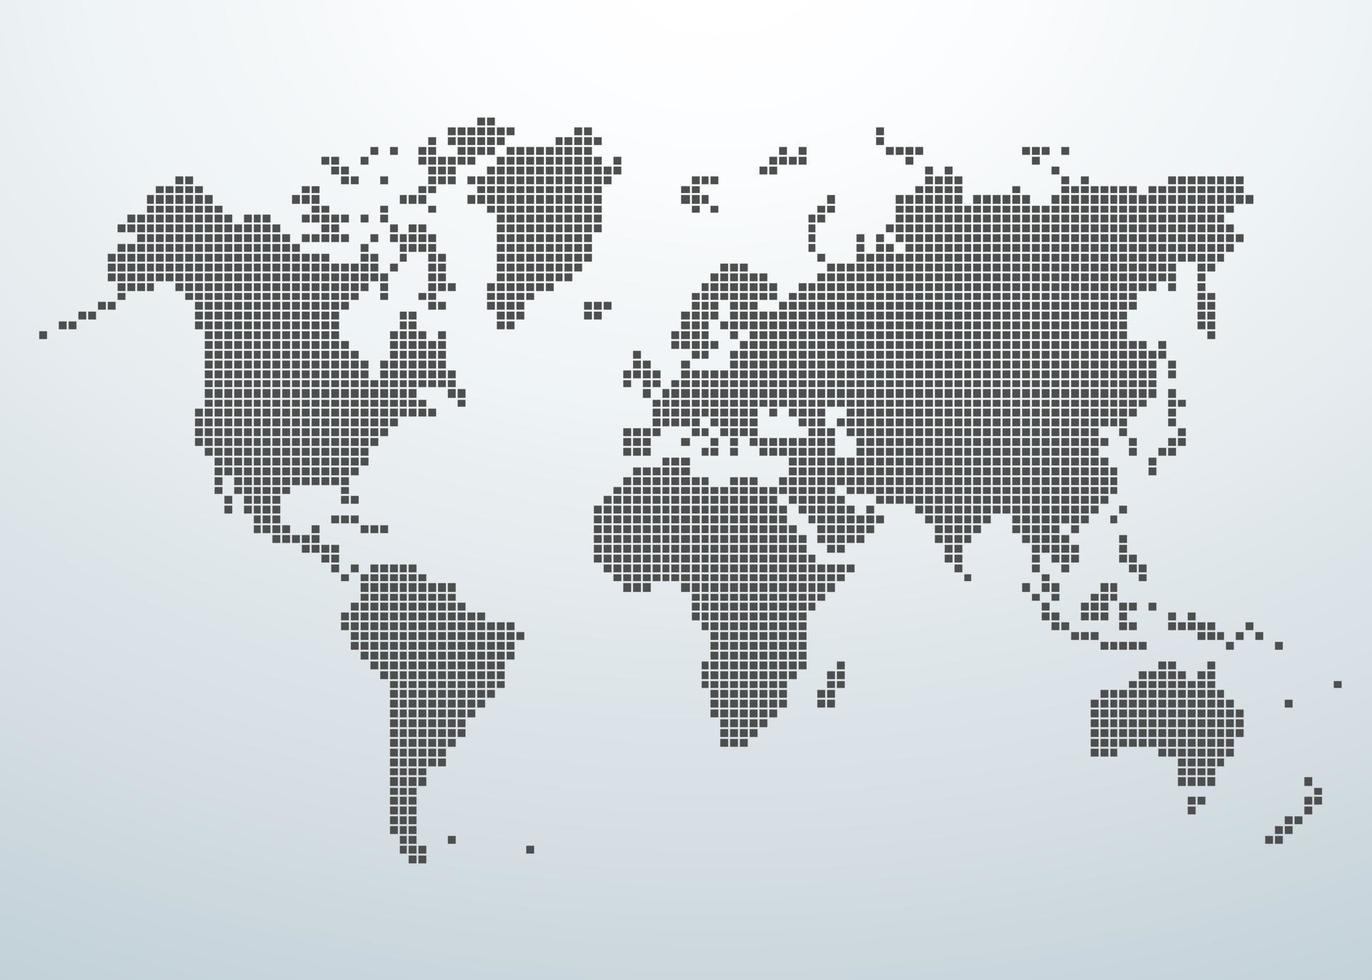 världskarta över fyrkantigt koncept. vektor illustration